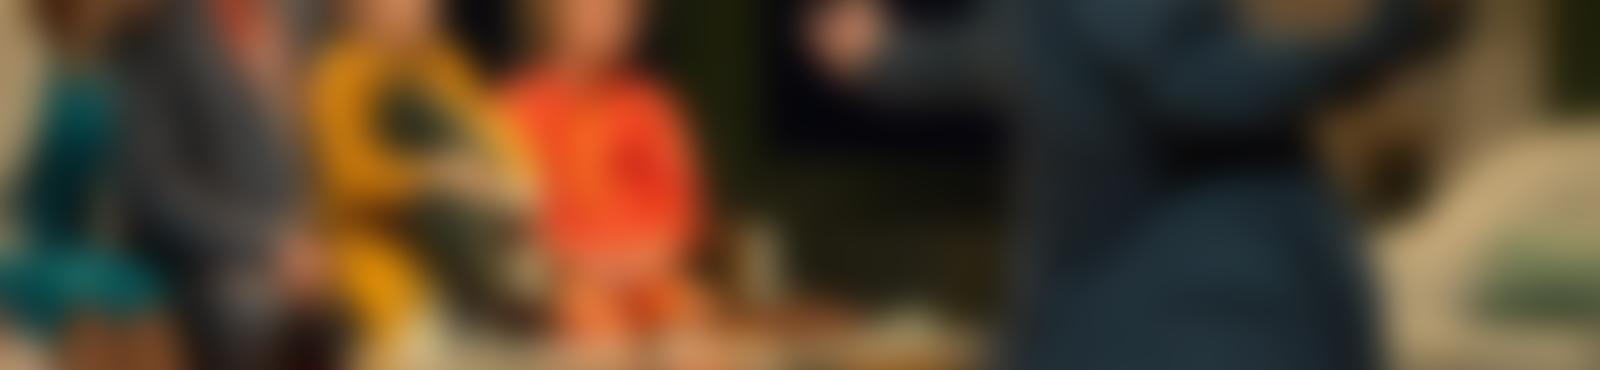 Blurred 9de57eef 19e1 43bc 96d8 a8da3570f53f